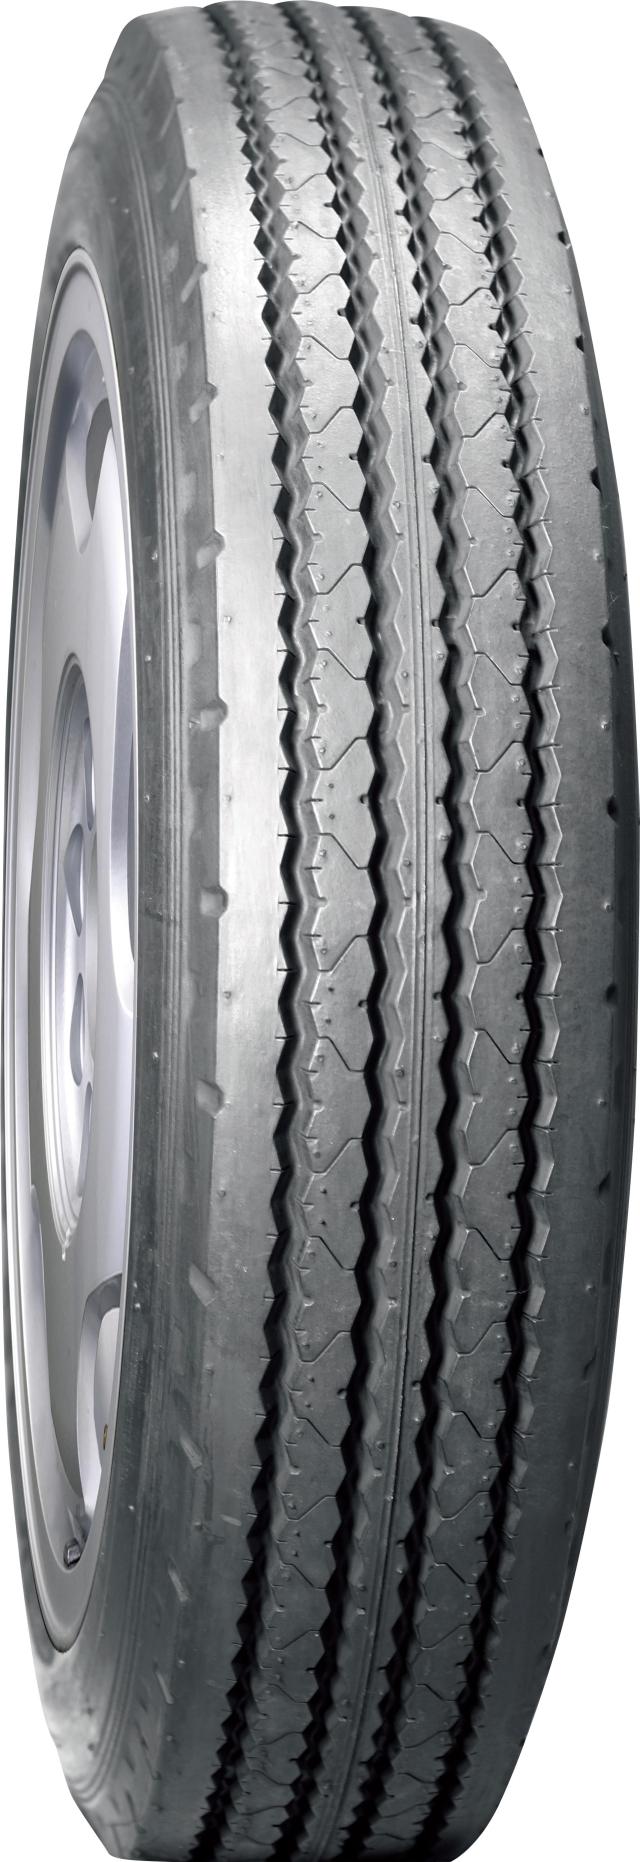 輻射層輕卡車胎